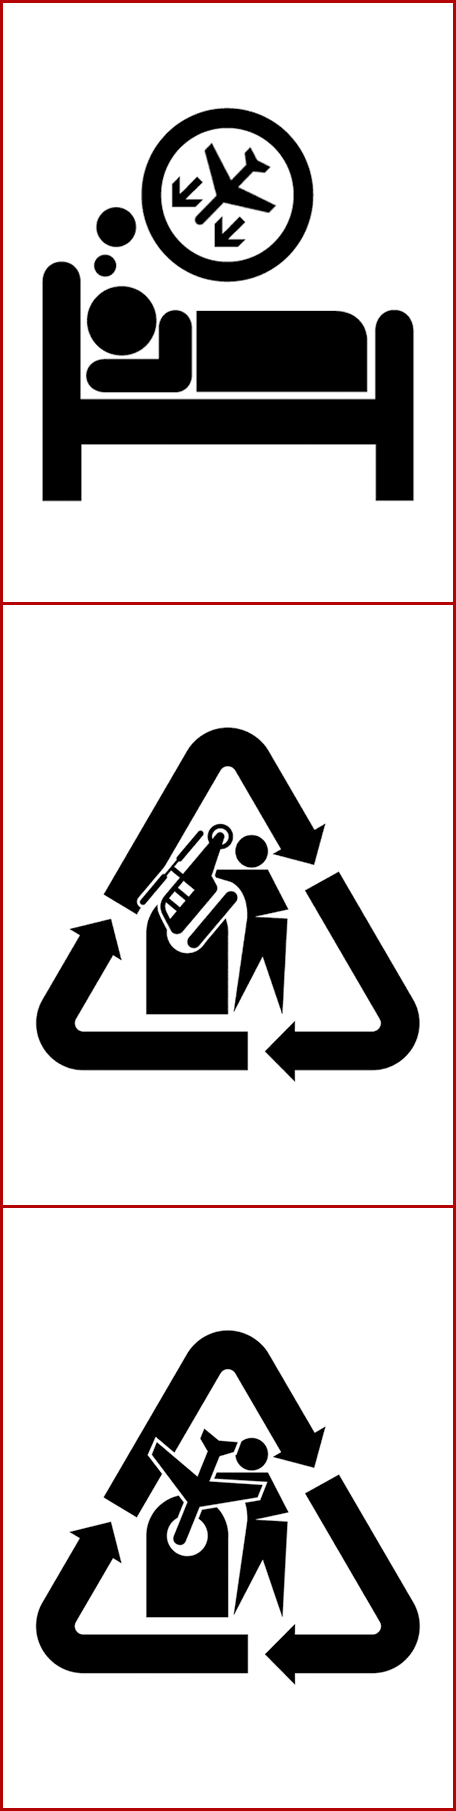 War signs